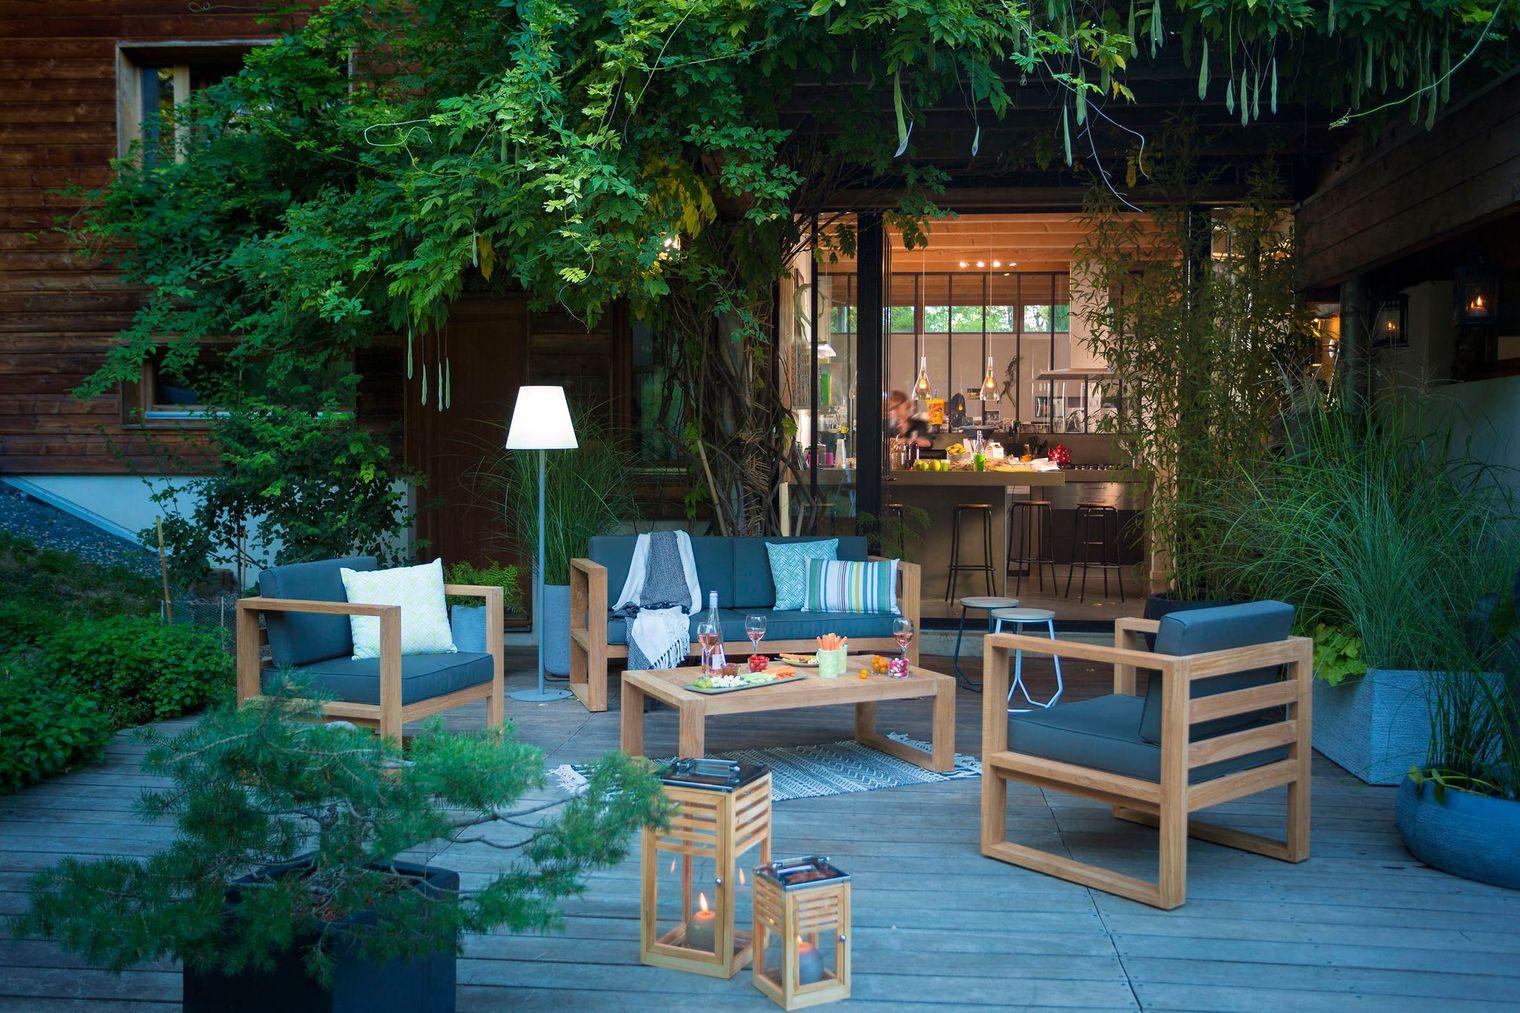 Faire de sa terrasse de jardin un lieu convivial et chaleureux ?